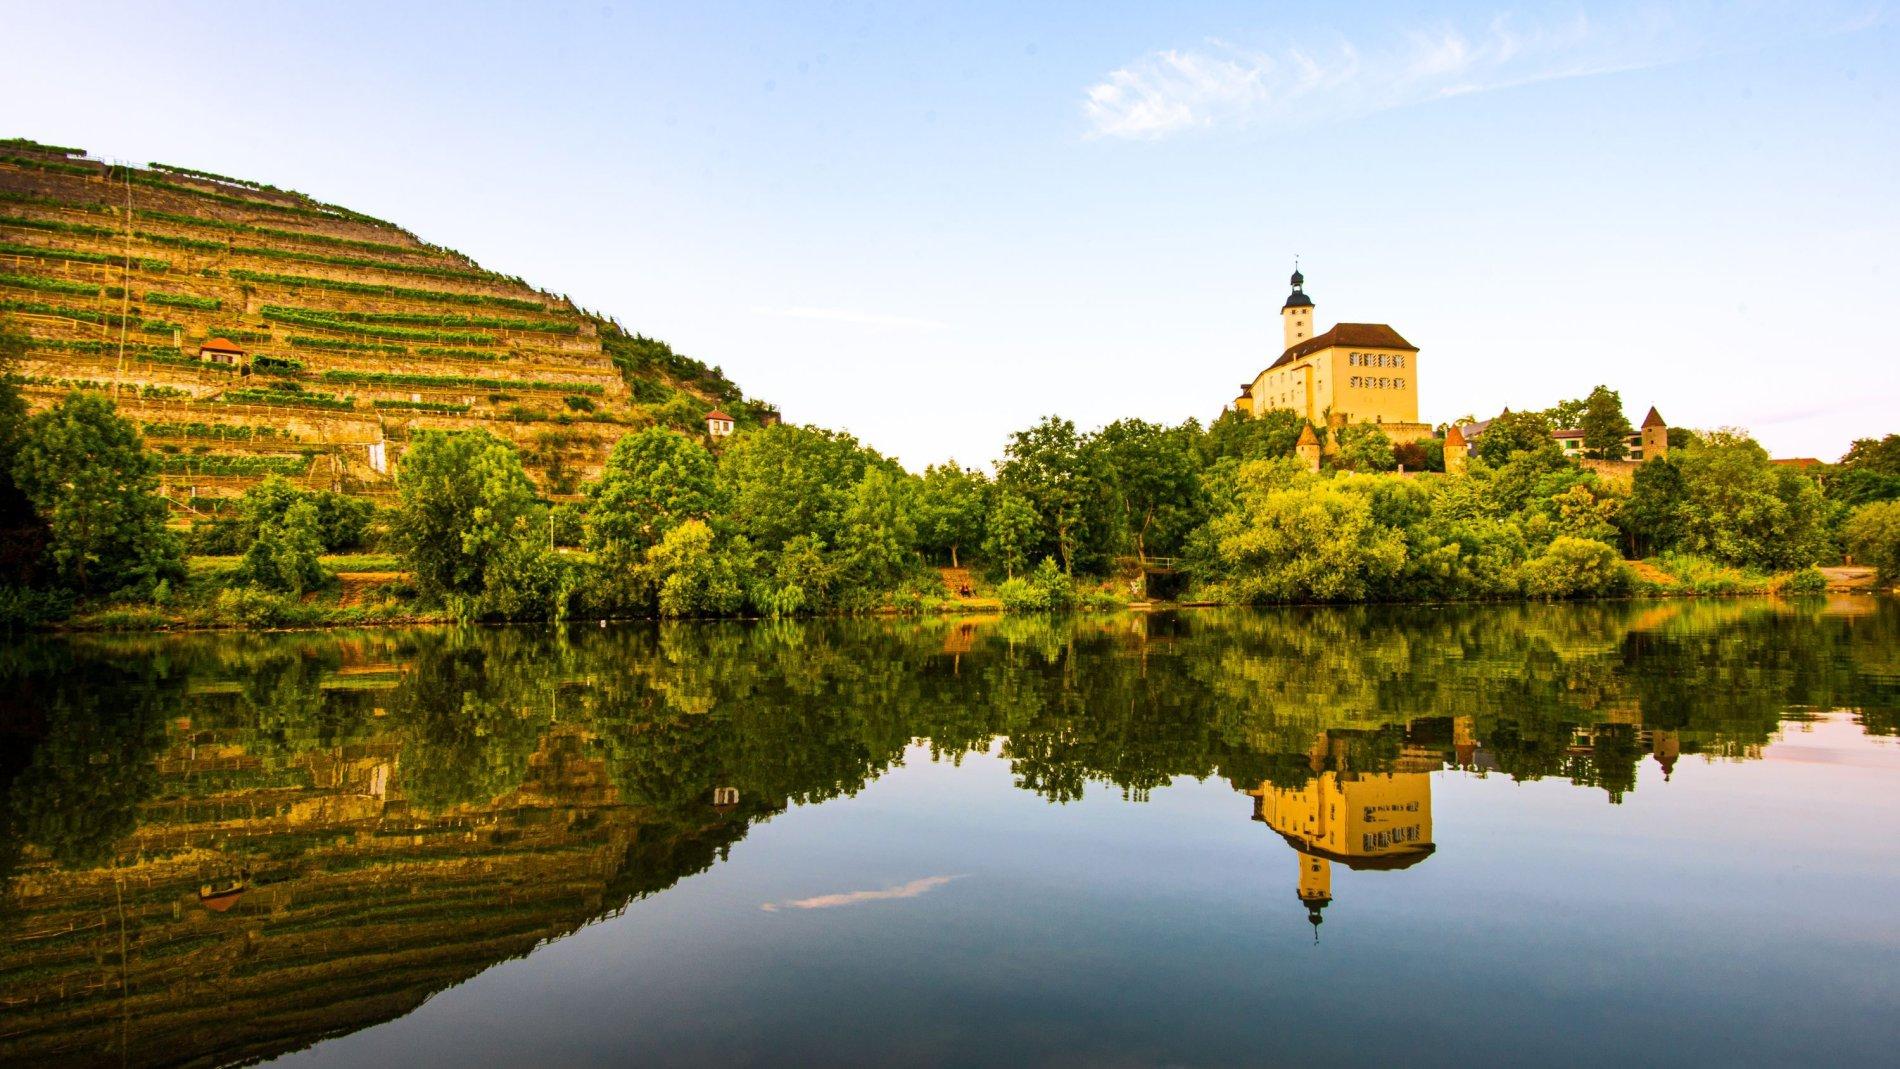 Blick auf das Schloss und den Neckar